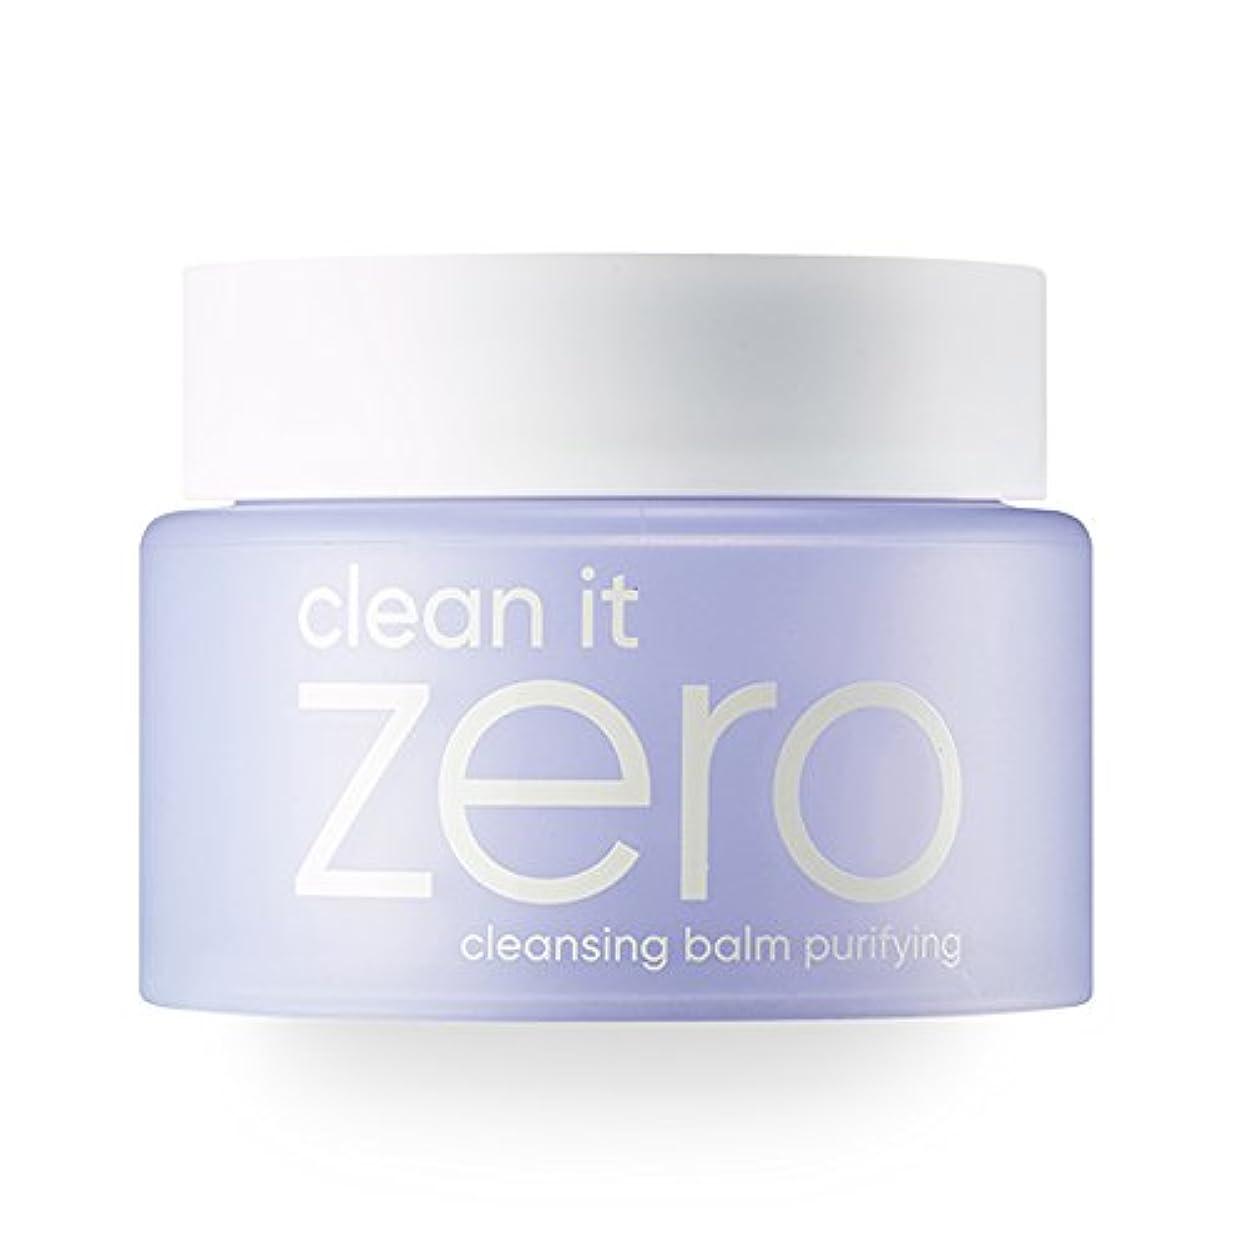 聴覚障害者ステートメント確保するBANILA CO(バニラコ) クリーン イット ゼロ クレンジング バーム ピュリファイング Clean It Zero Purifying